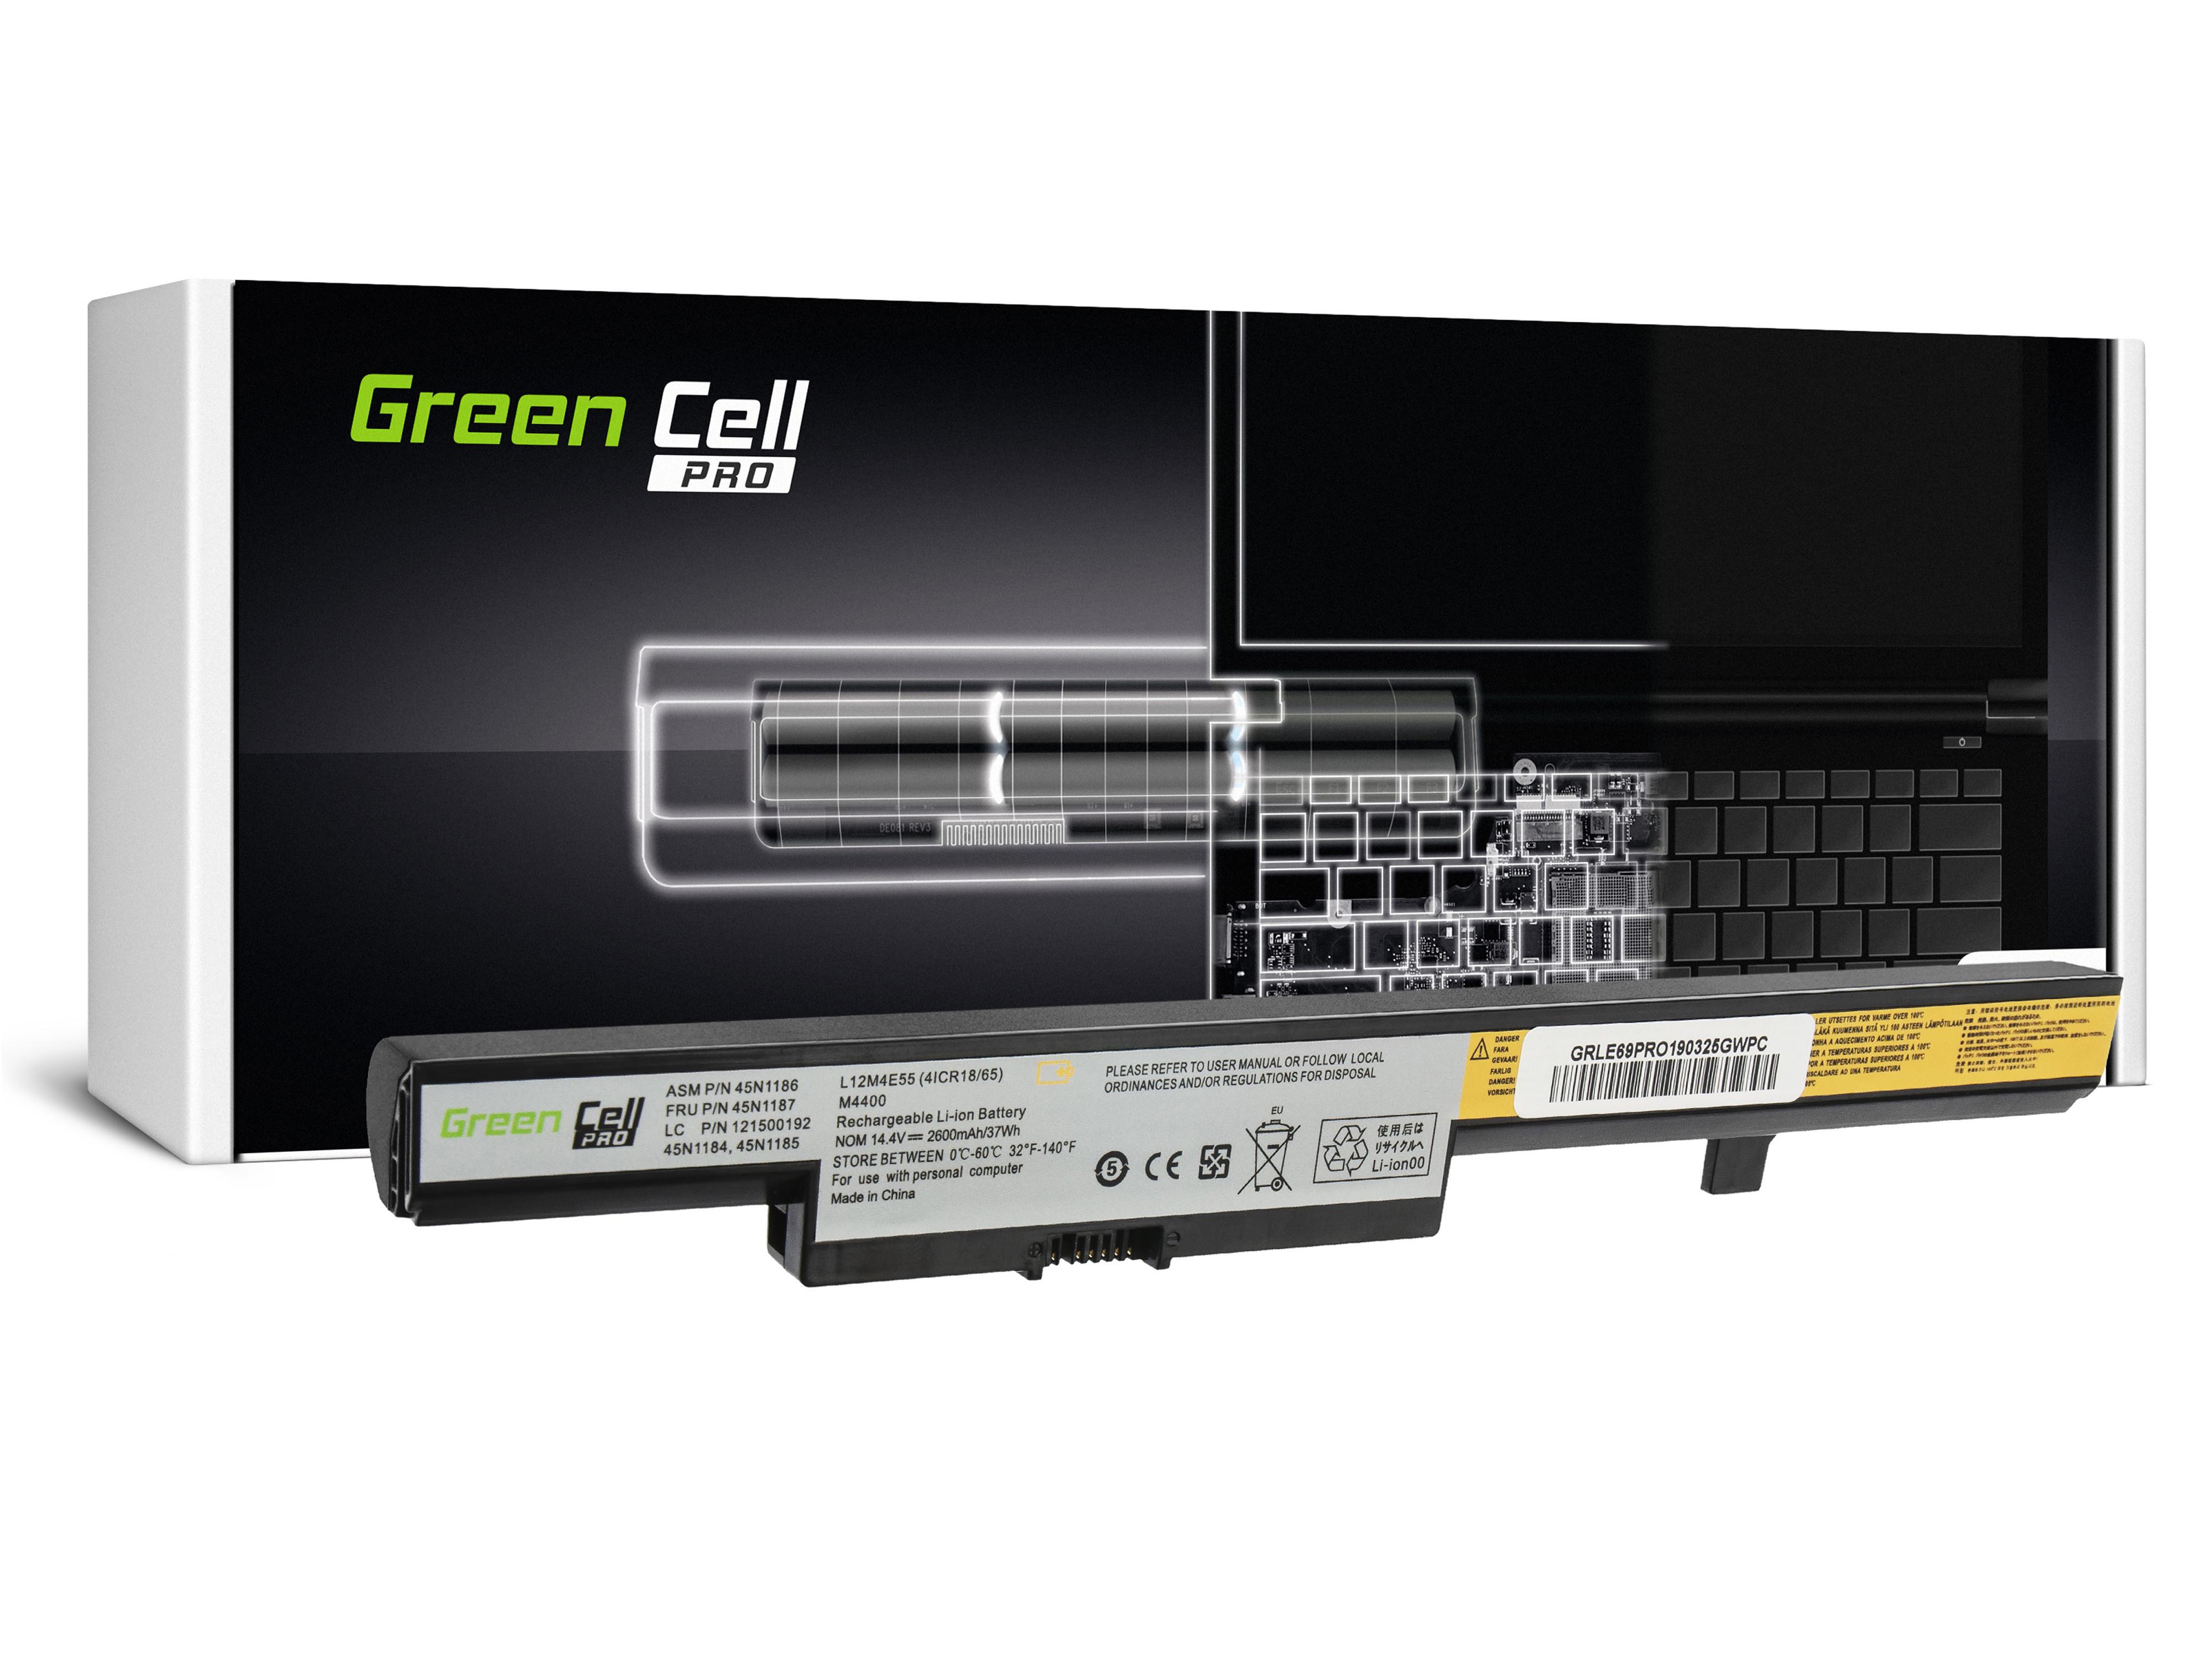 Green Cell LE69PRO Baterie Lenovo L13L4A01 L13M4A01 L13S4A01,Lenovo B50 B50-30 B50-45 B50-70 B50-80 B51-80 E50-80 2600mAh Li-ion - neoriginální